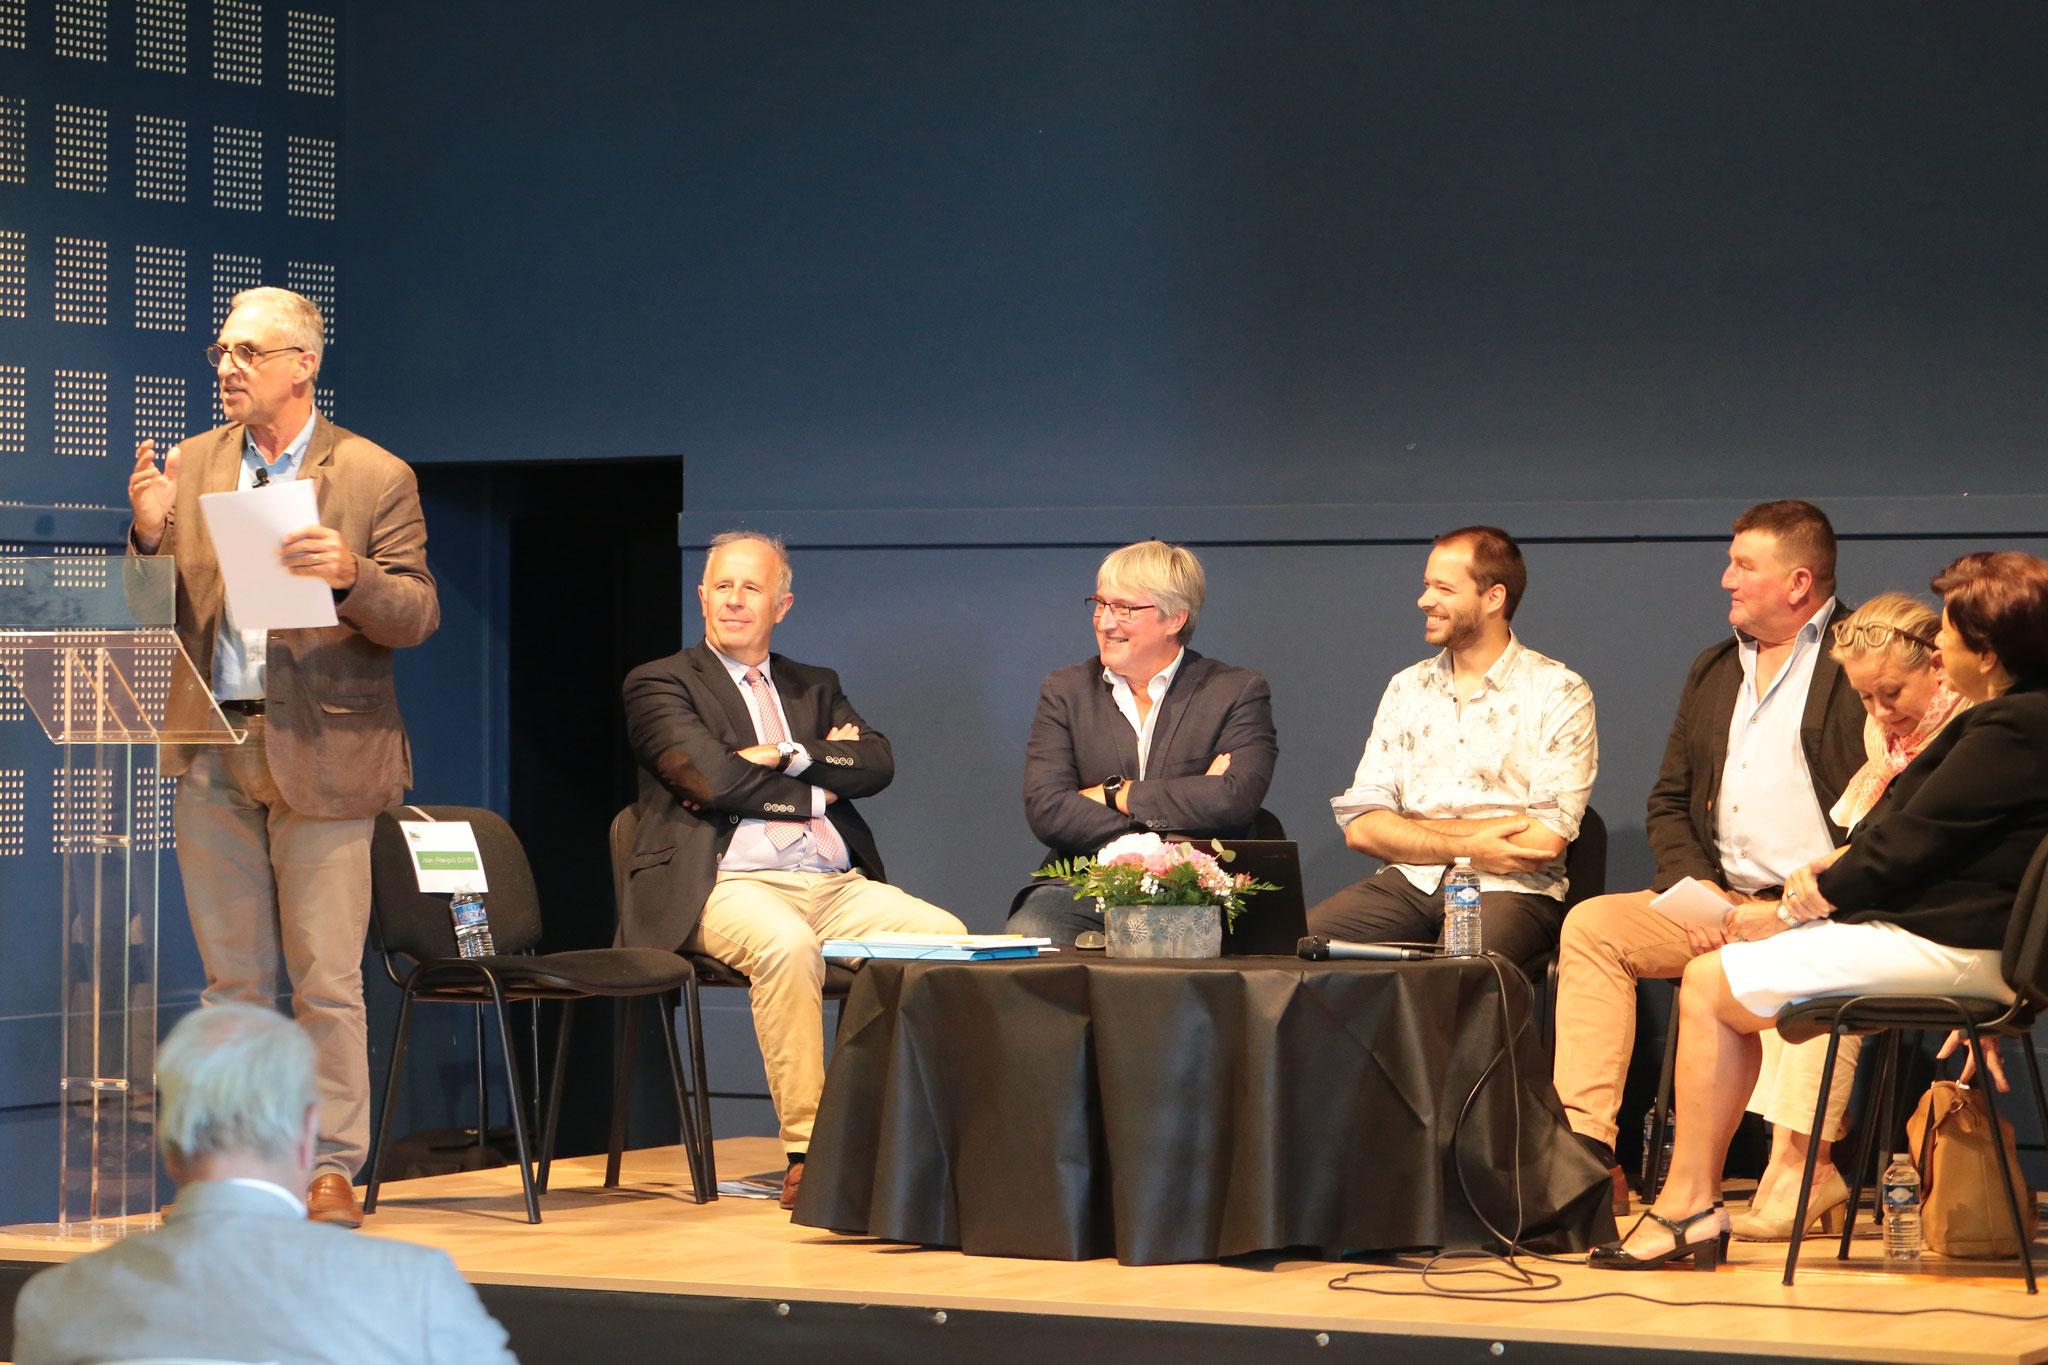 Conférence débat animée par M.OUVRY, Directeur de l'AREAS. Les conférenciers (de gauche à droite) M. BLOC, M. COSTA, M. PARIZEL, M. DILARD, Mme BIDAULT et Mme PIMONT.